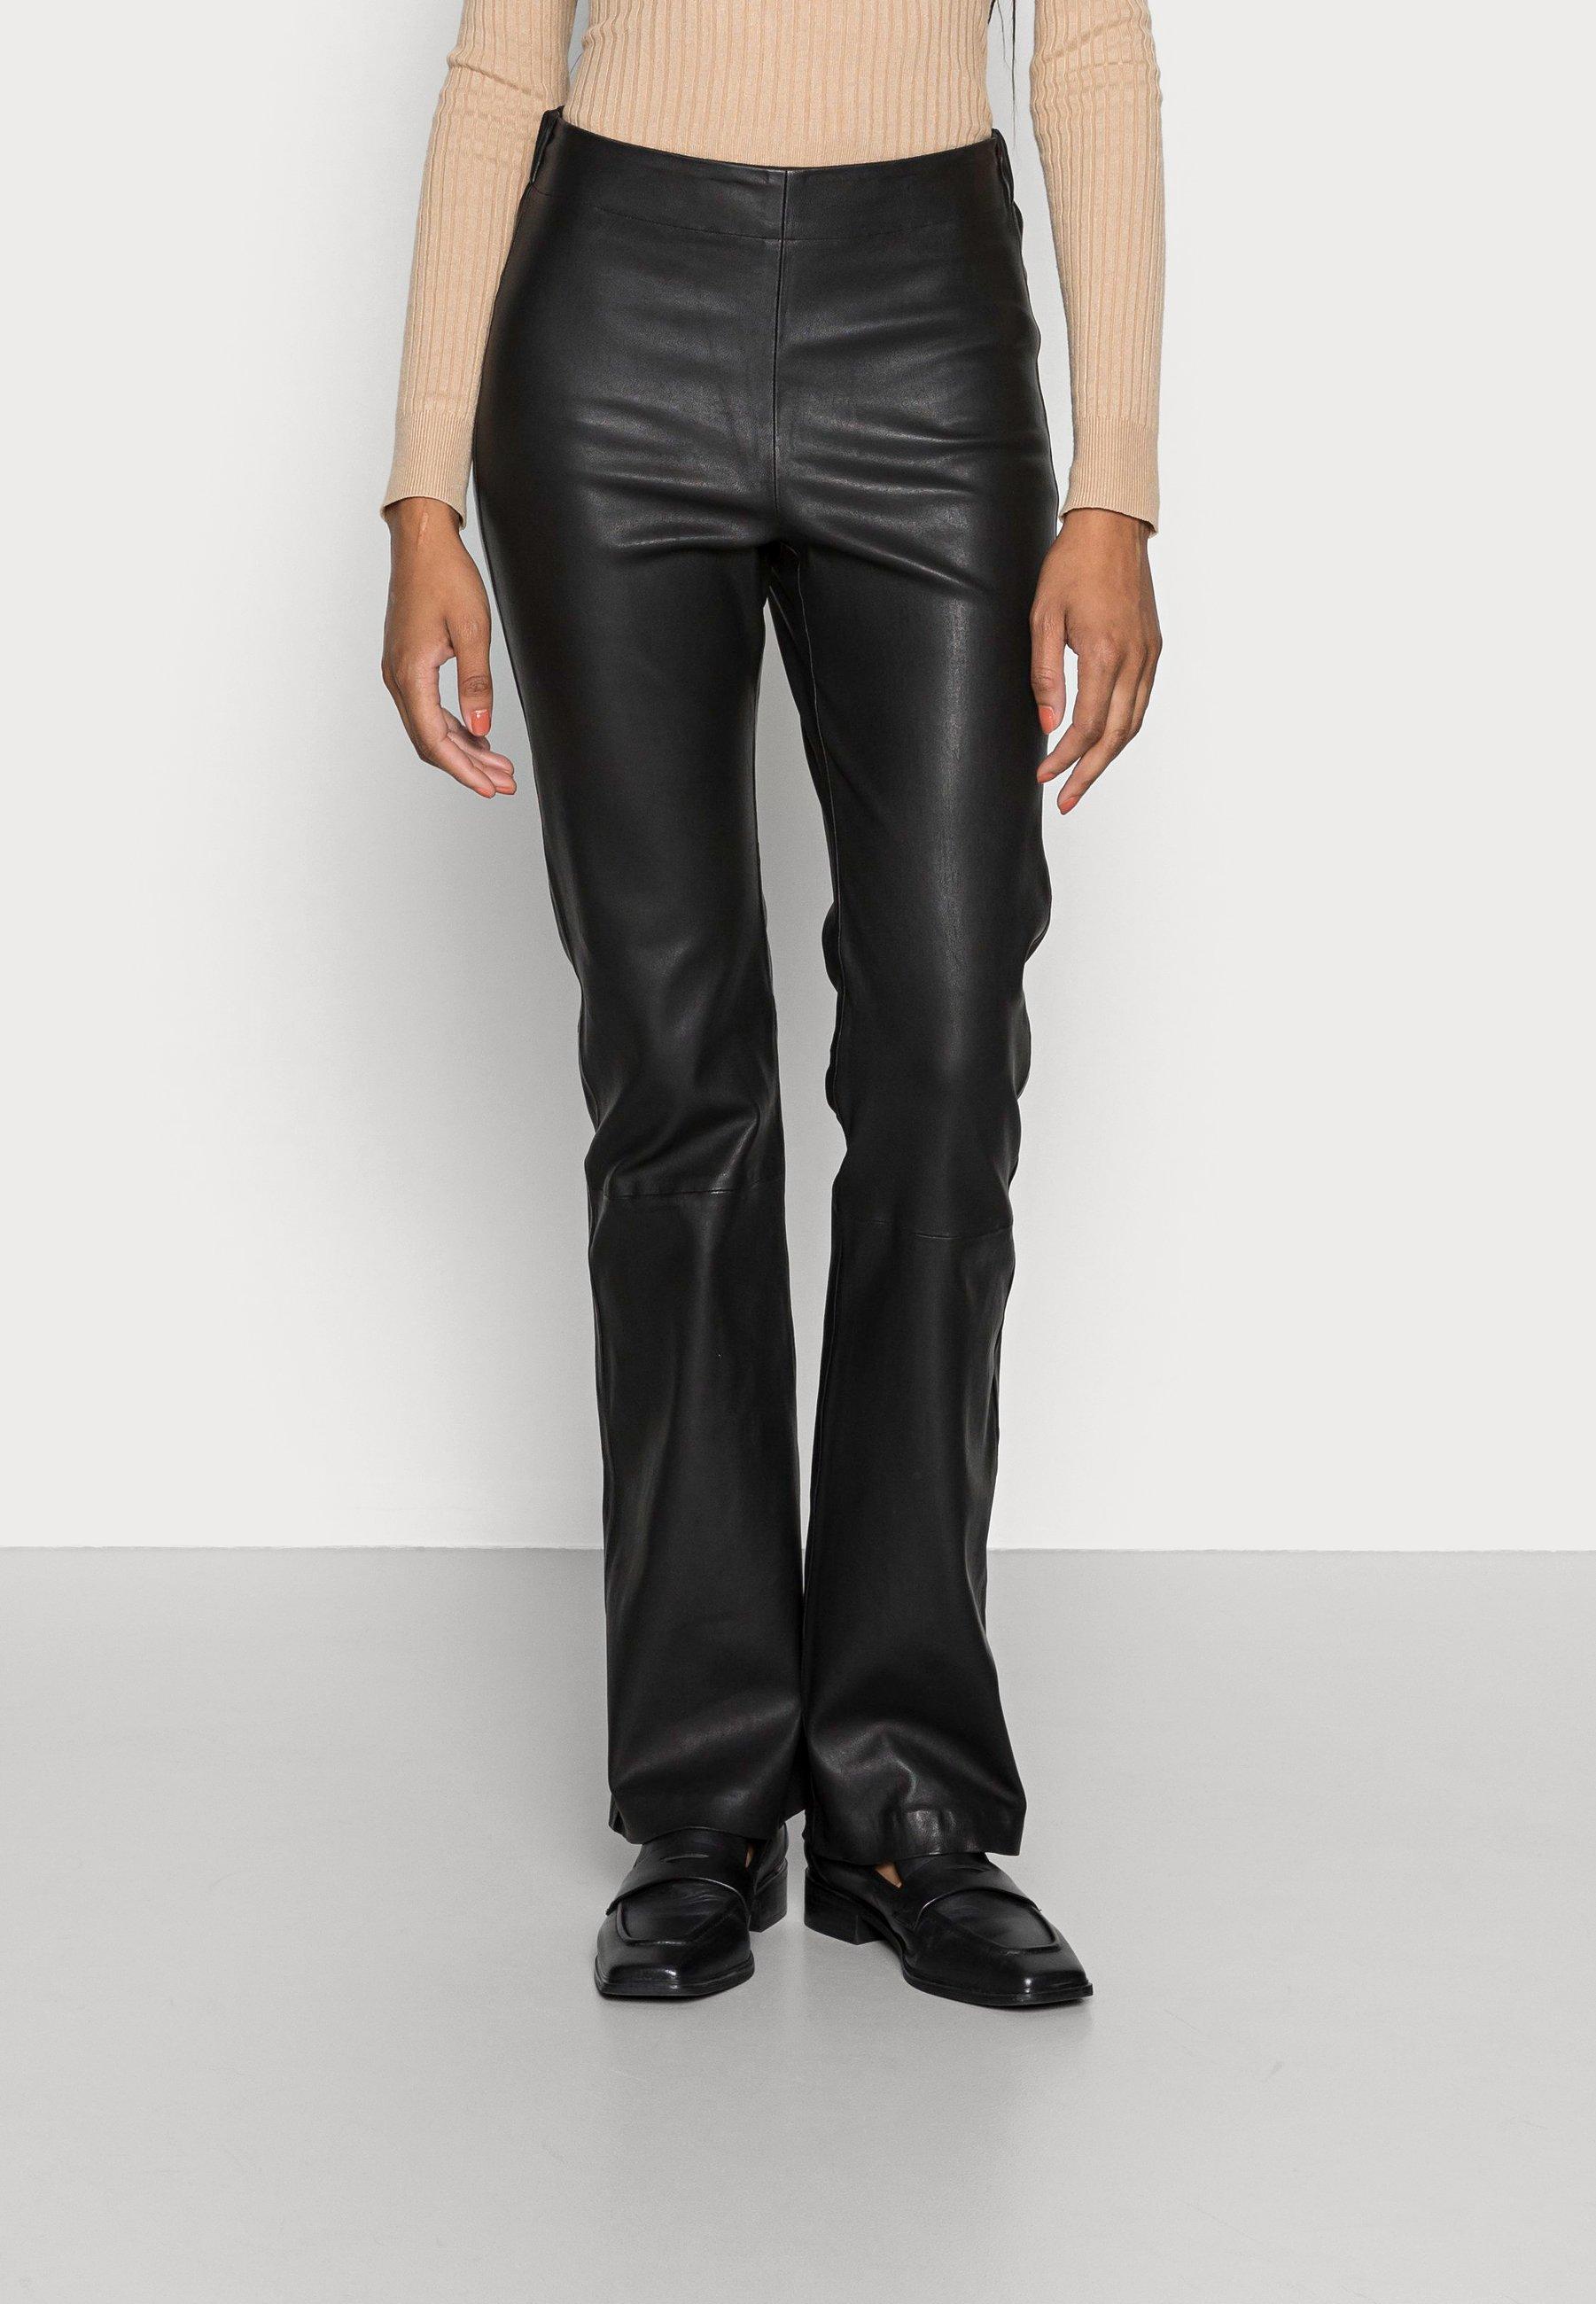 Women CEDAR LONG PANTS - Leather trousers